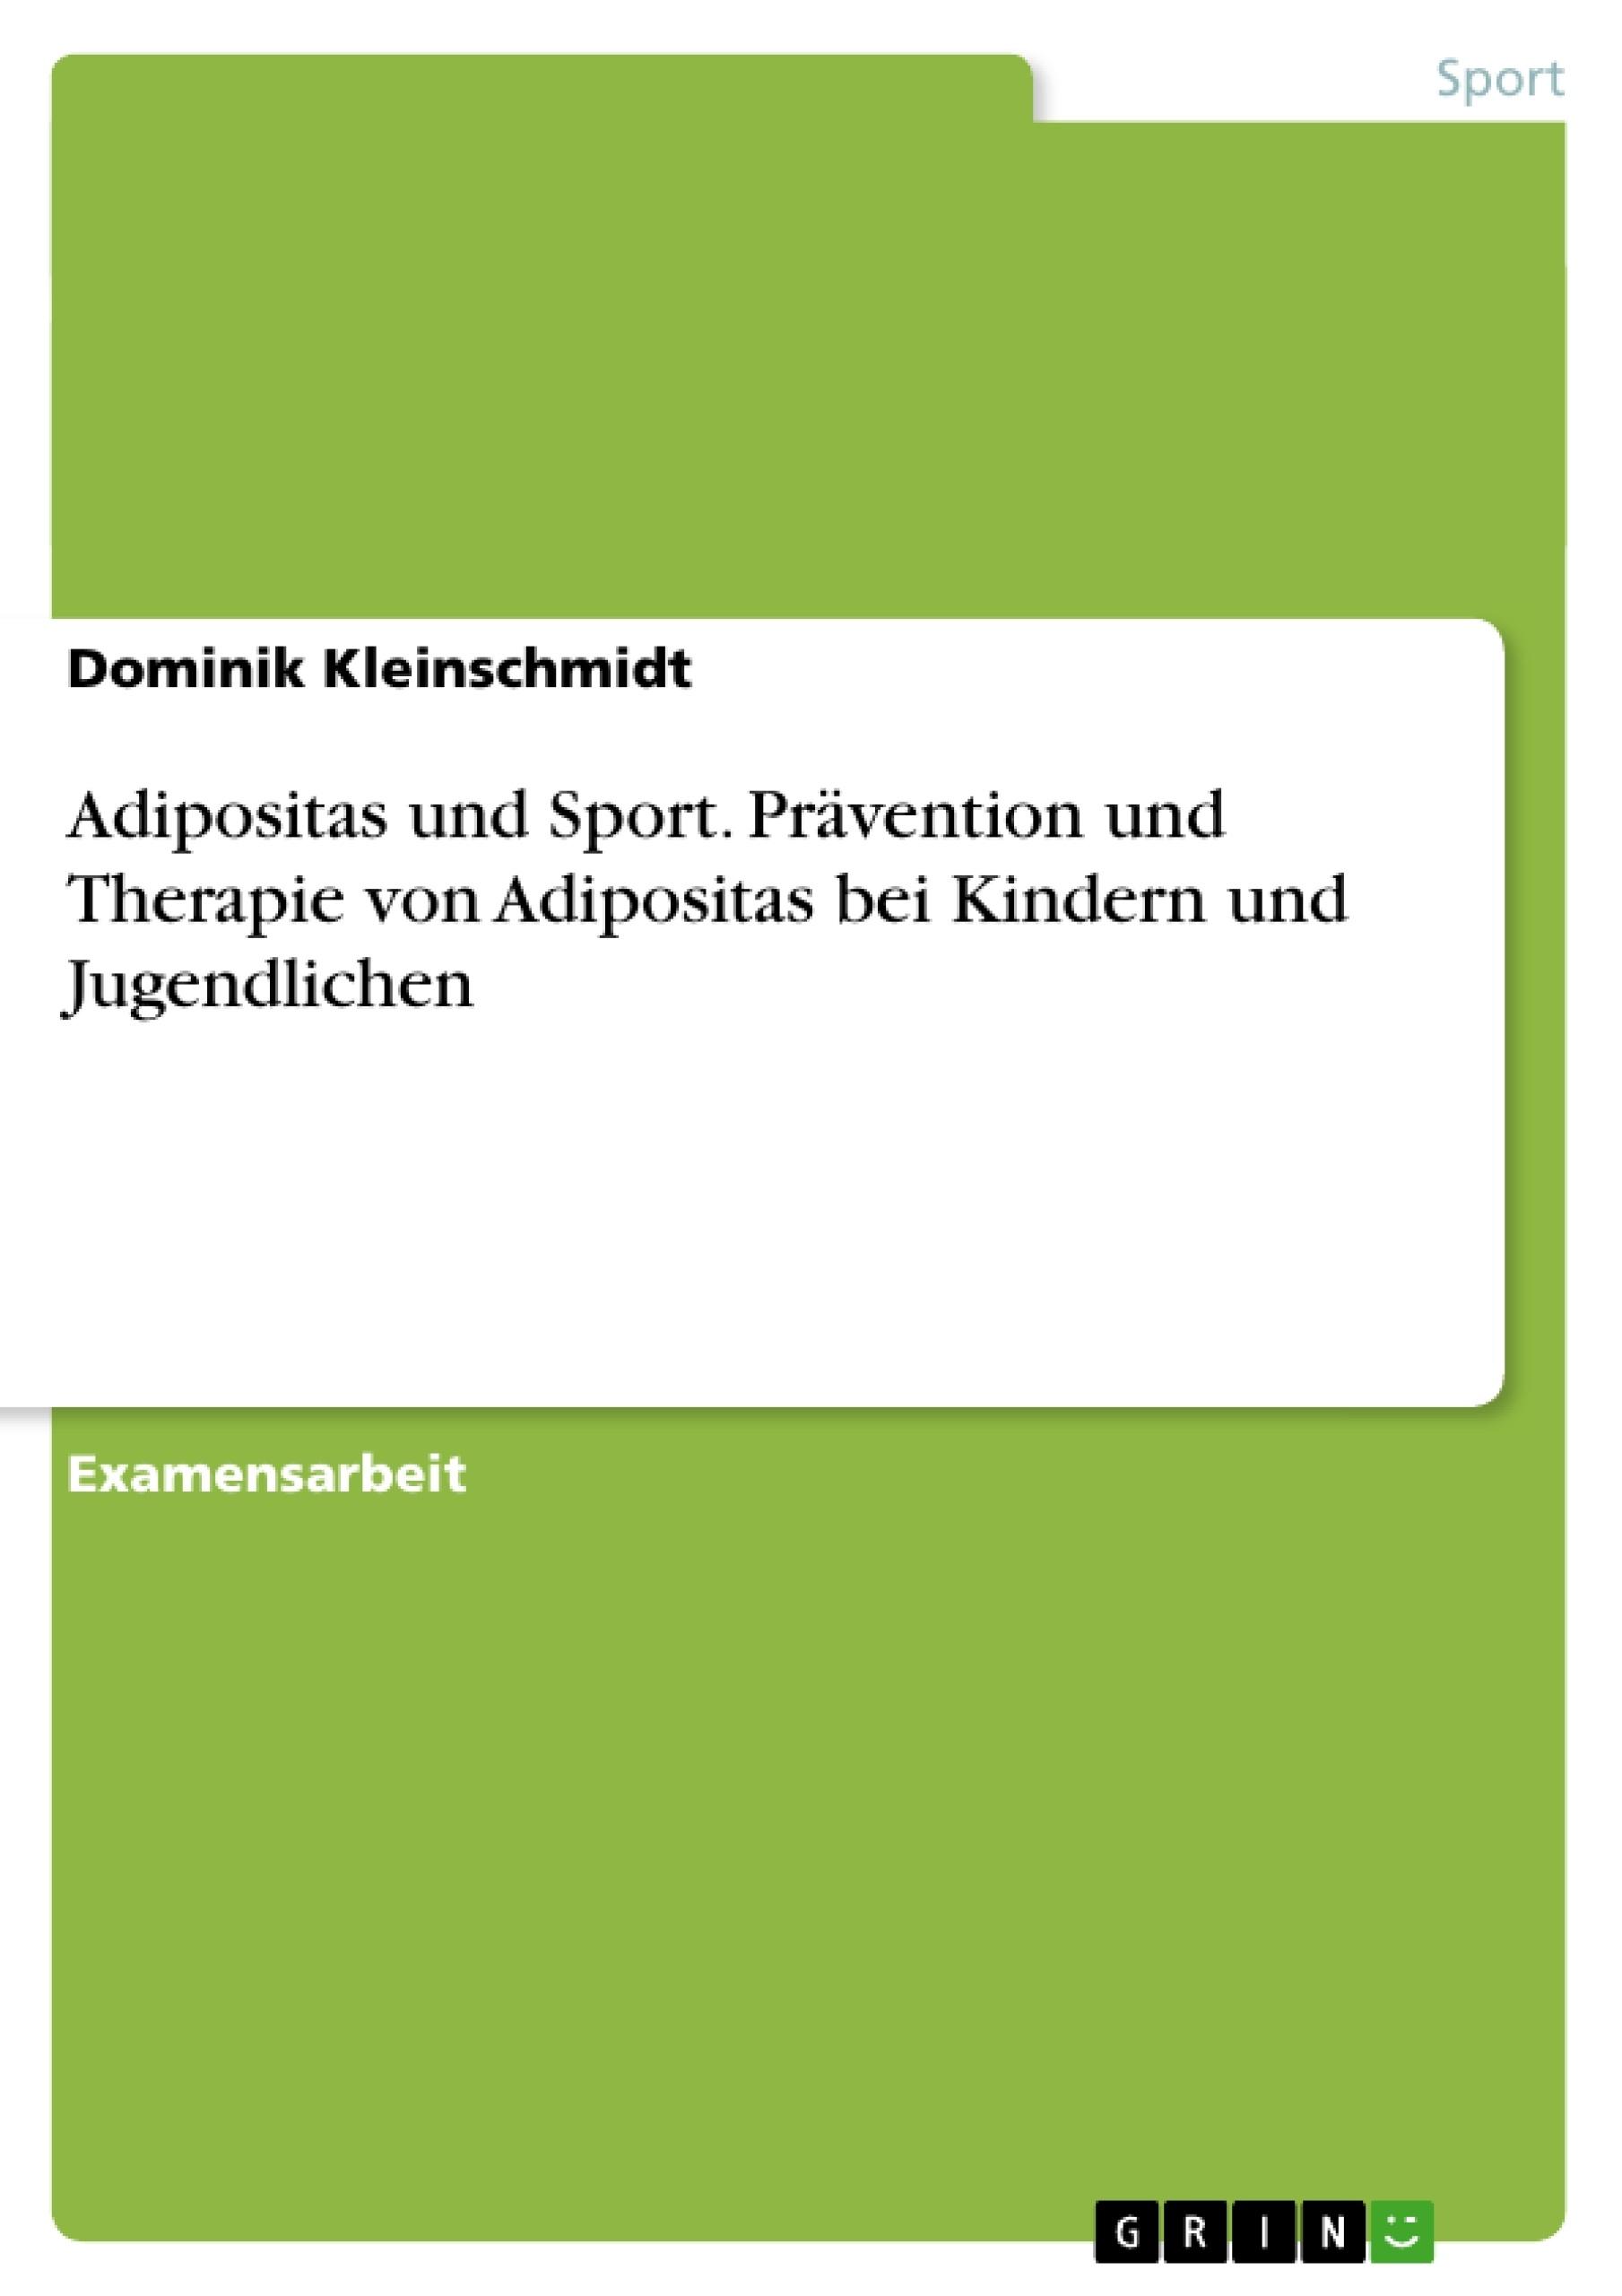 Titel: Adipositas und Sport. Prävention und Therapie von Adipositas bei Kindern und Jugendlichen